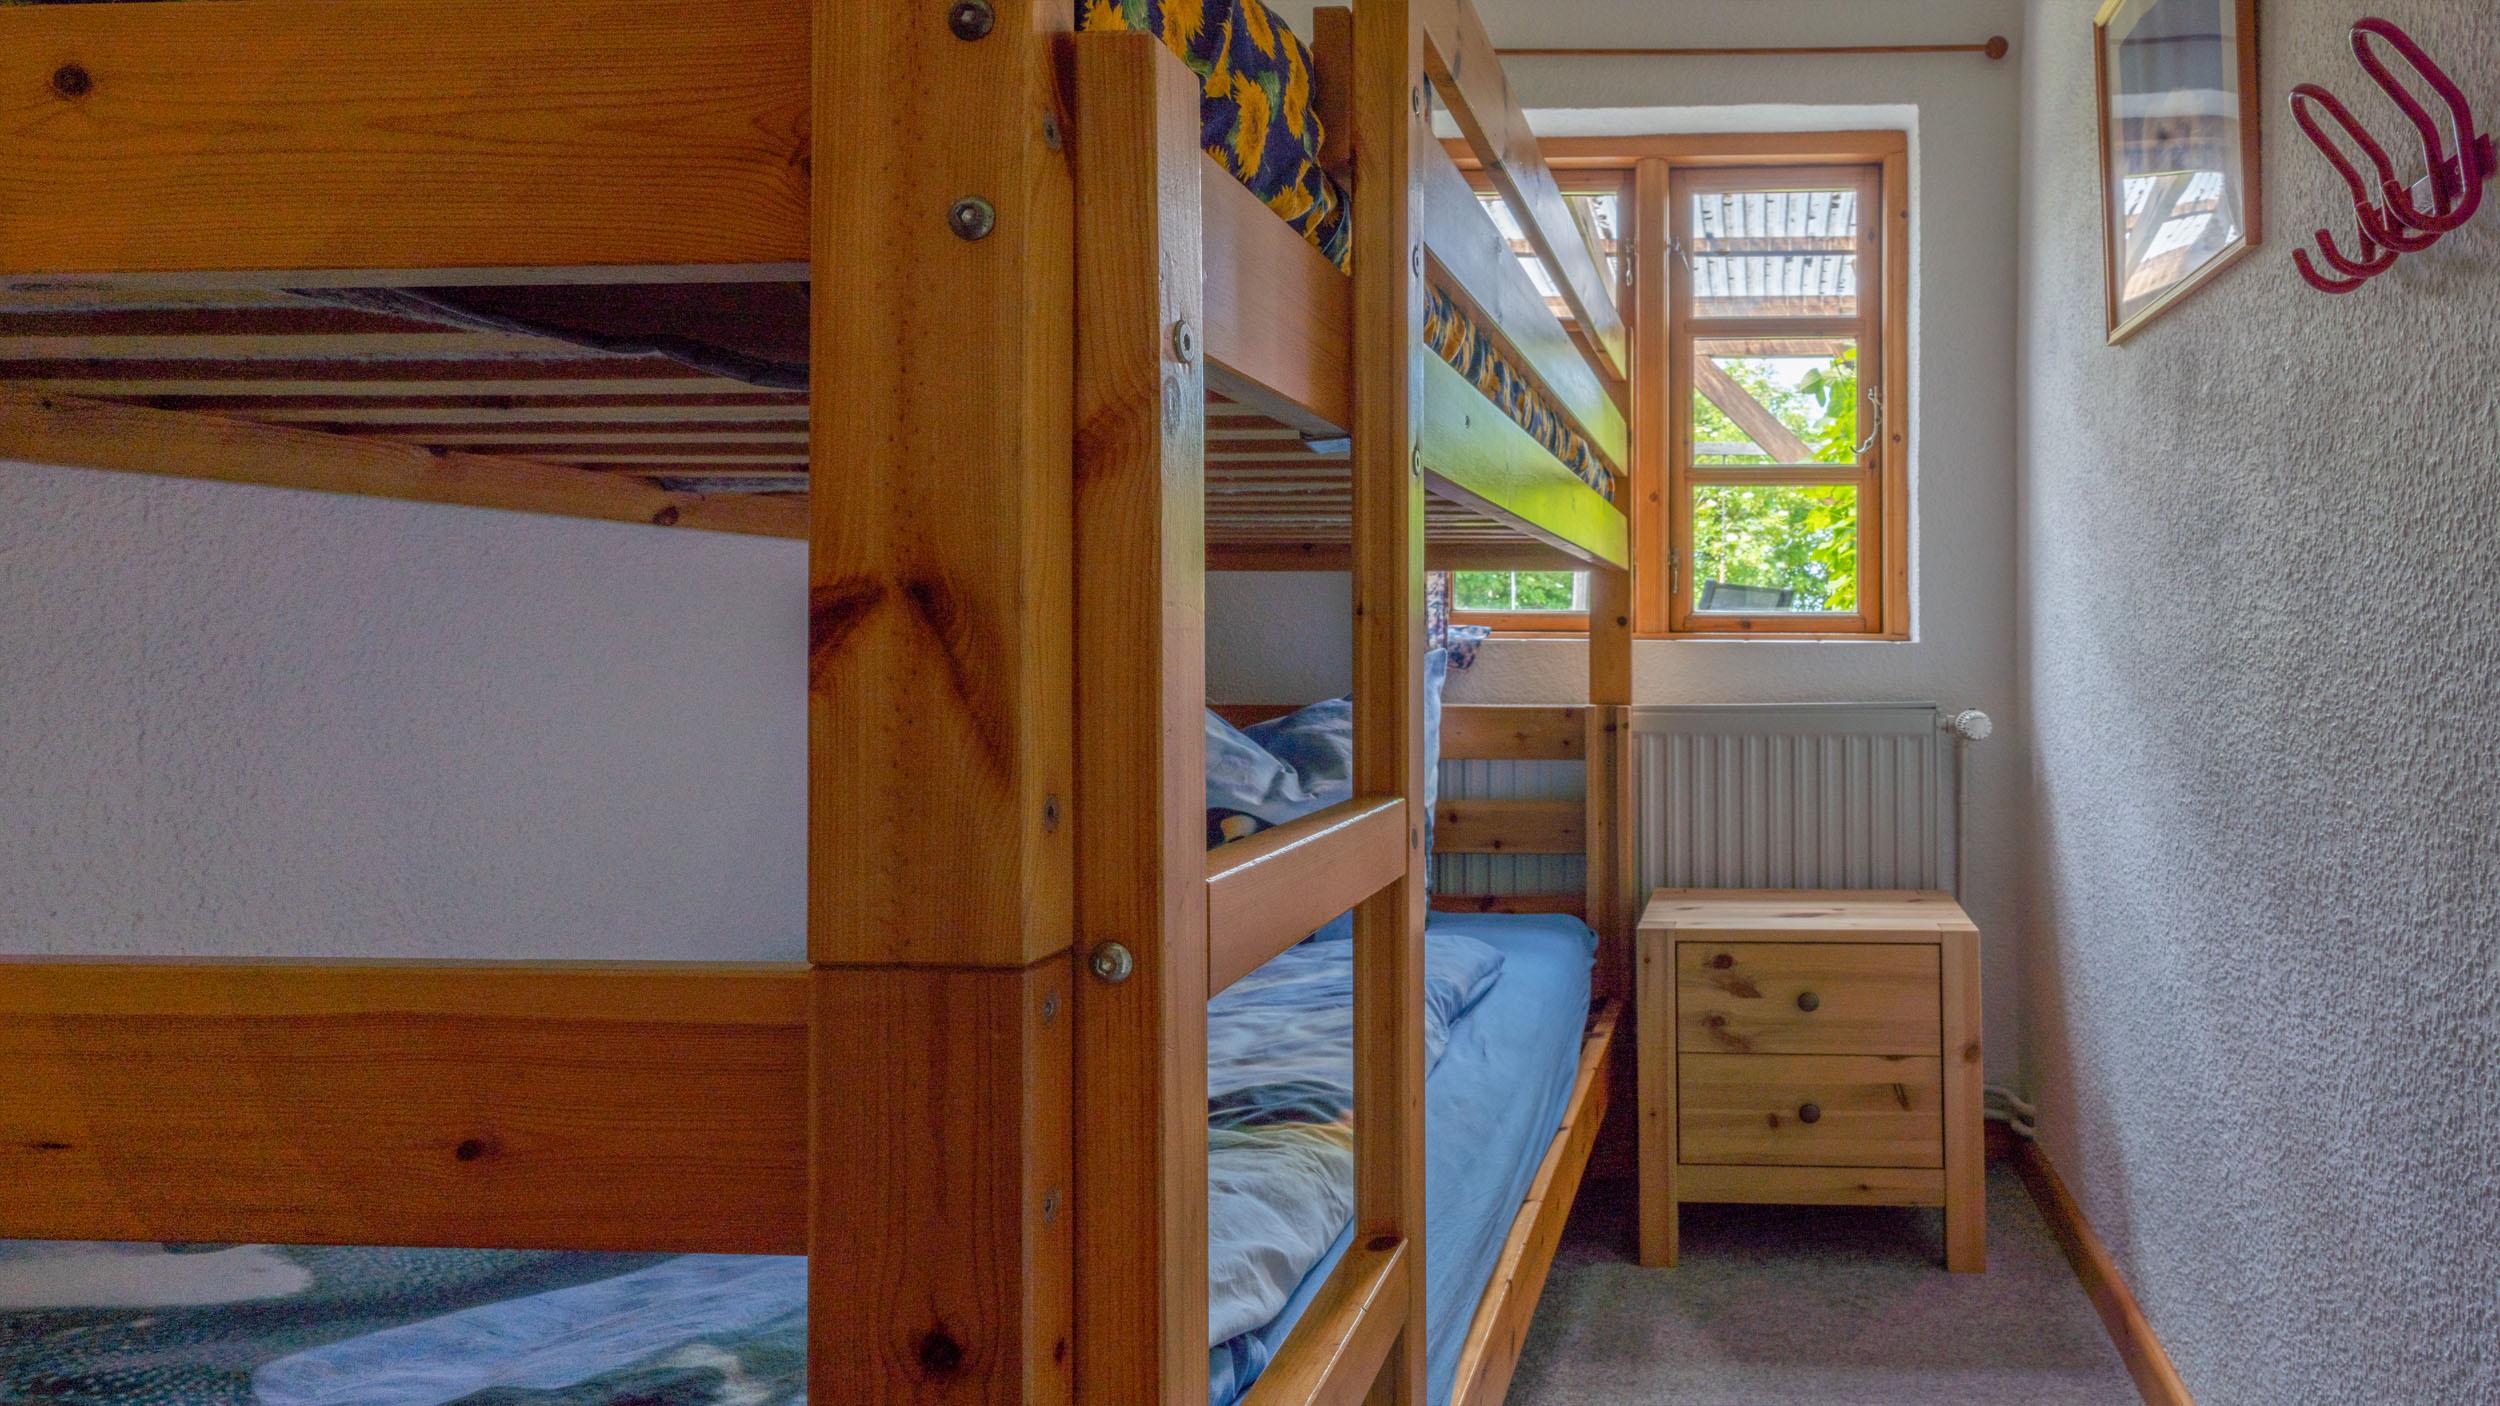 Haus Vogelkiek - Ferienwohnung Eiderente - Kinderzimmer